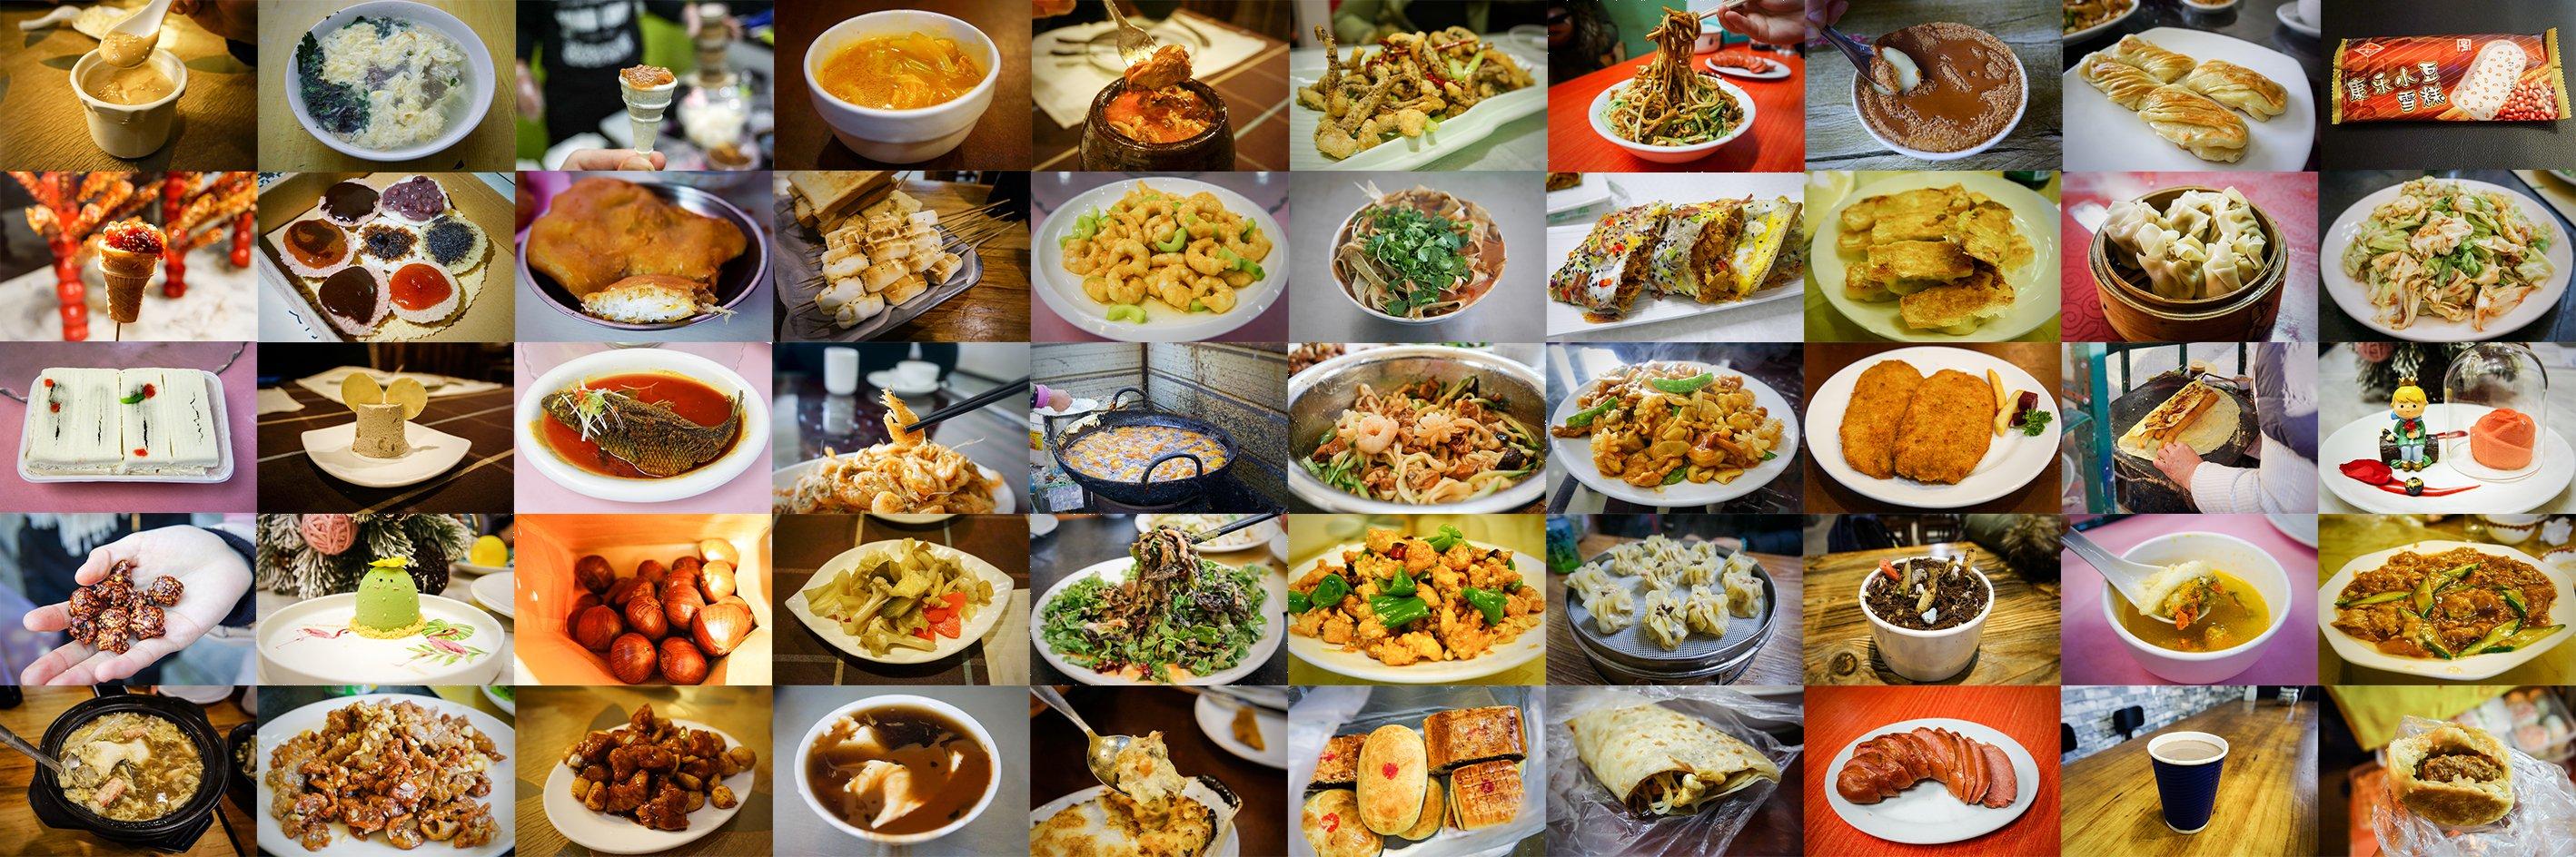 三天时间,我们把天津变成了自助餐厅